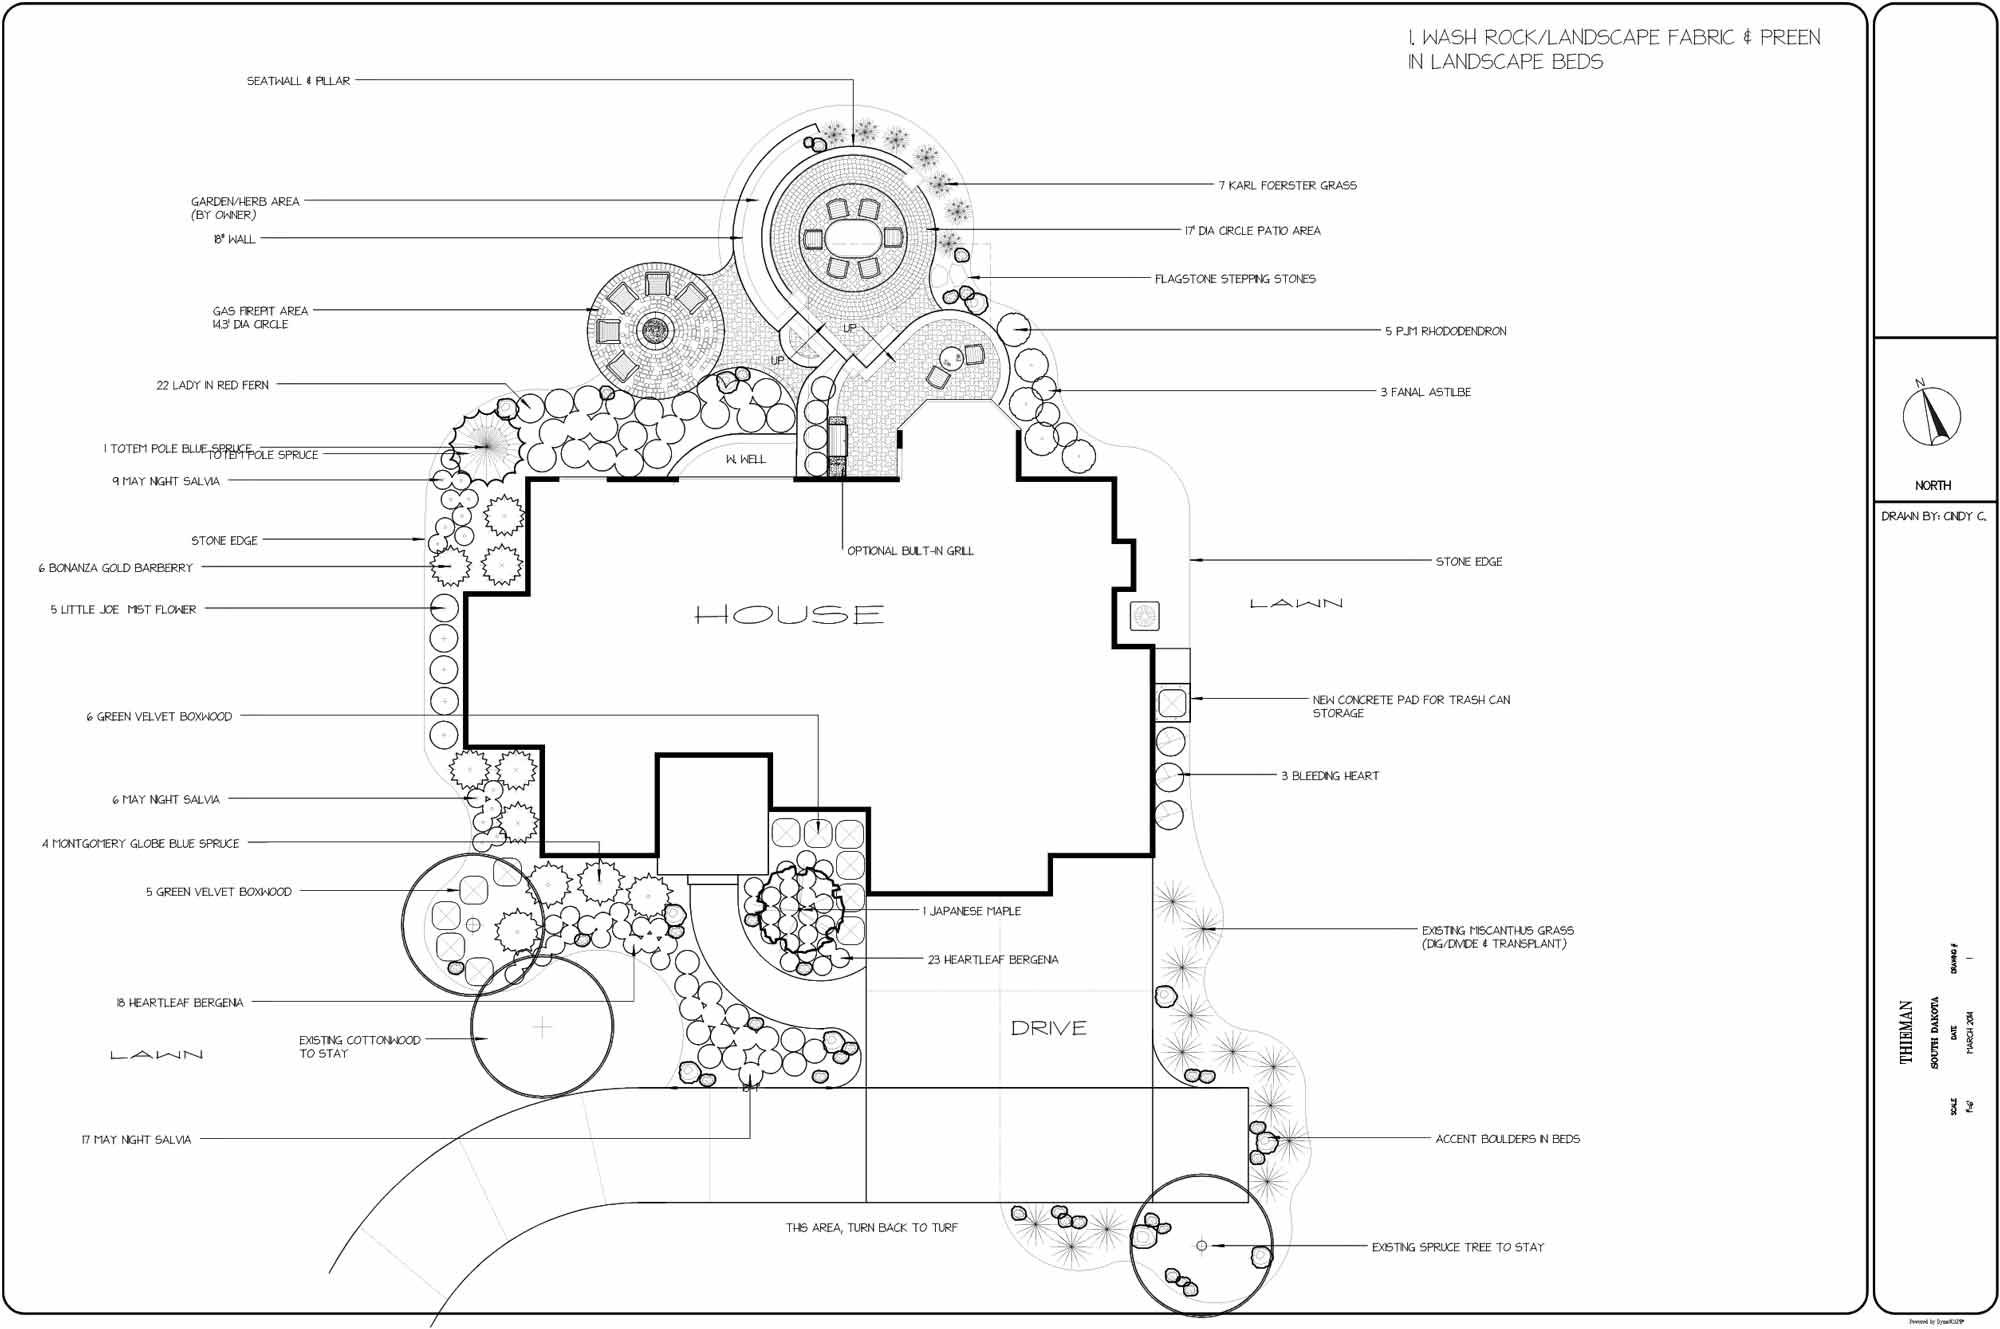 Design, landscaping, Nebraska